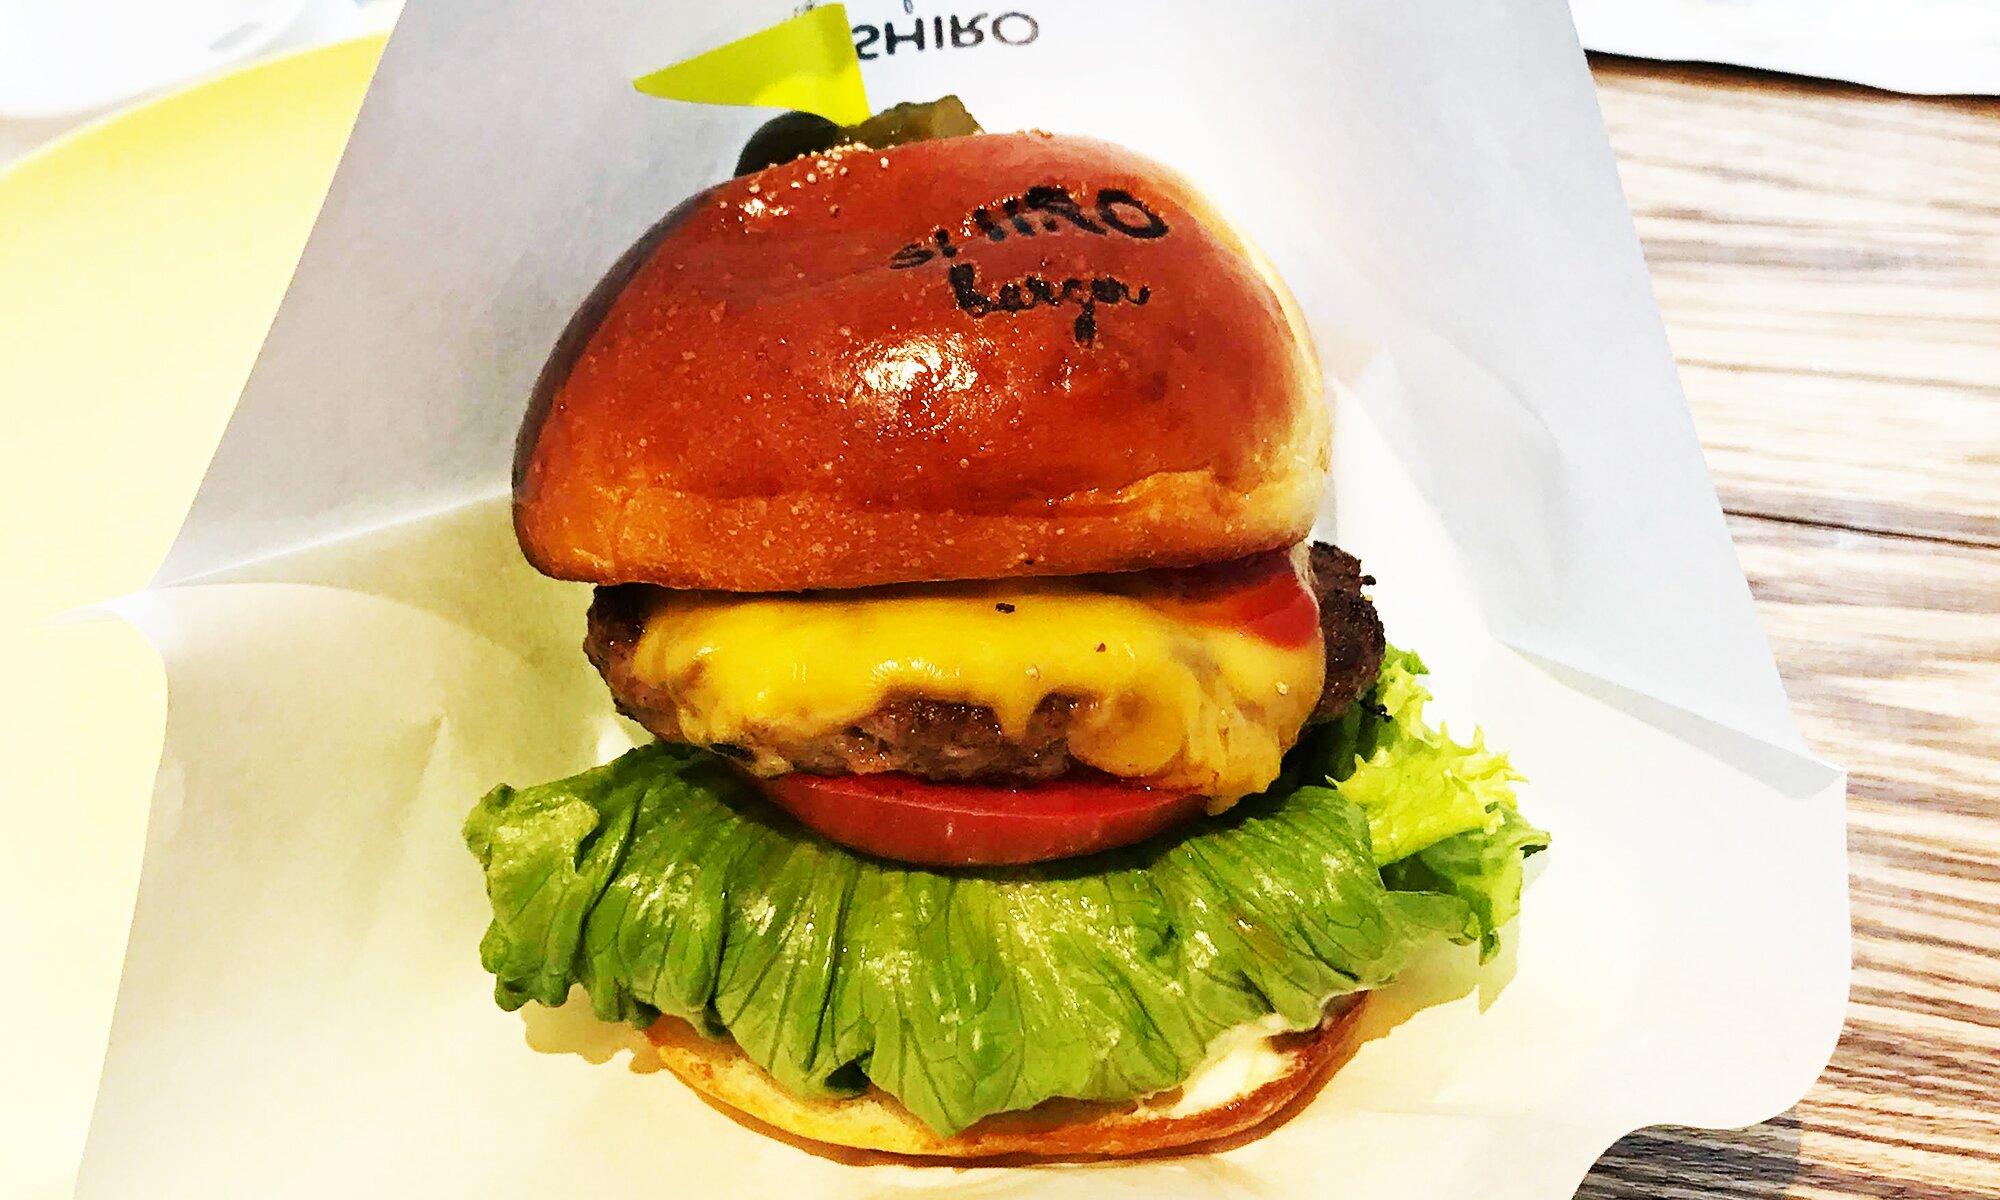 SHIROburger